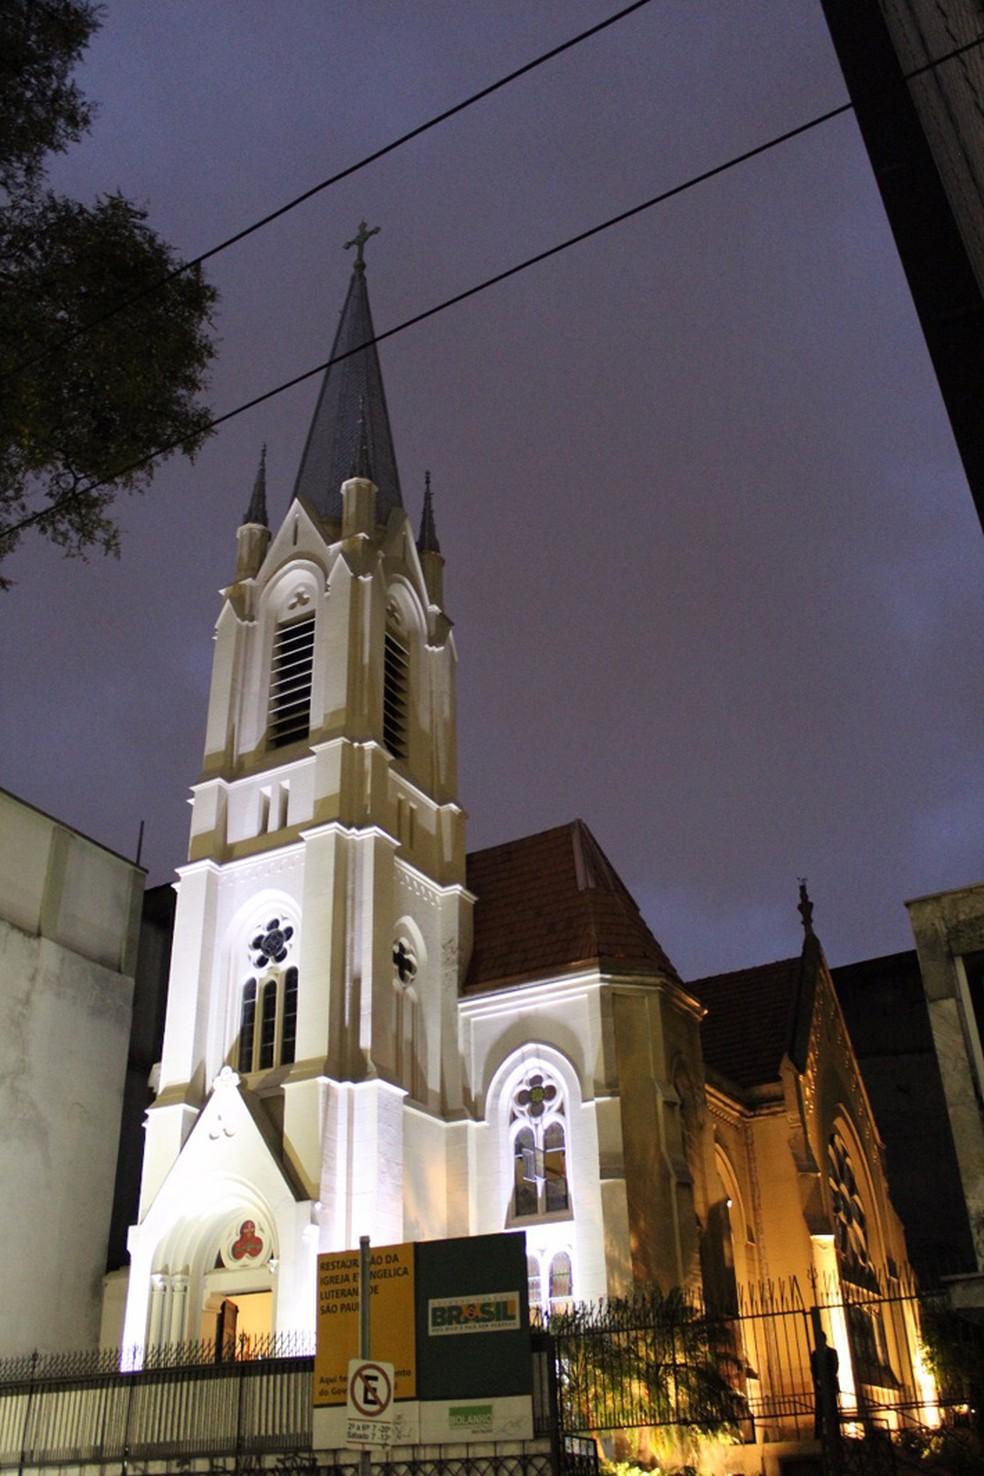 Igreja Evangélica Luterana foi atingida por escombros do prédio que desabou no Centro de São Paulo (Foto: Débora Ludwig/Arquivo Pessoal)